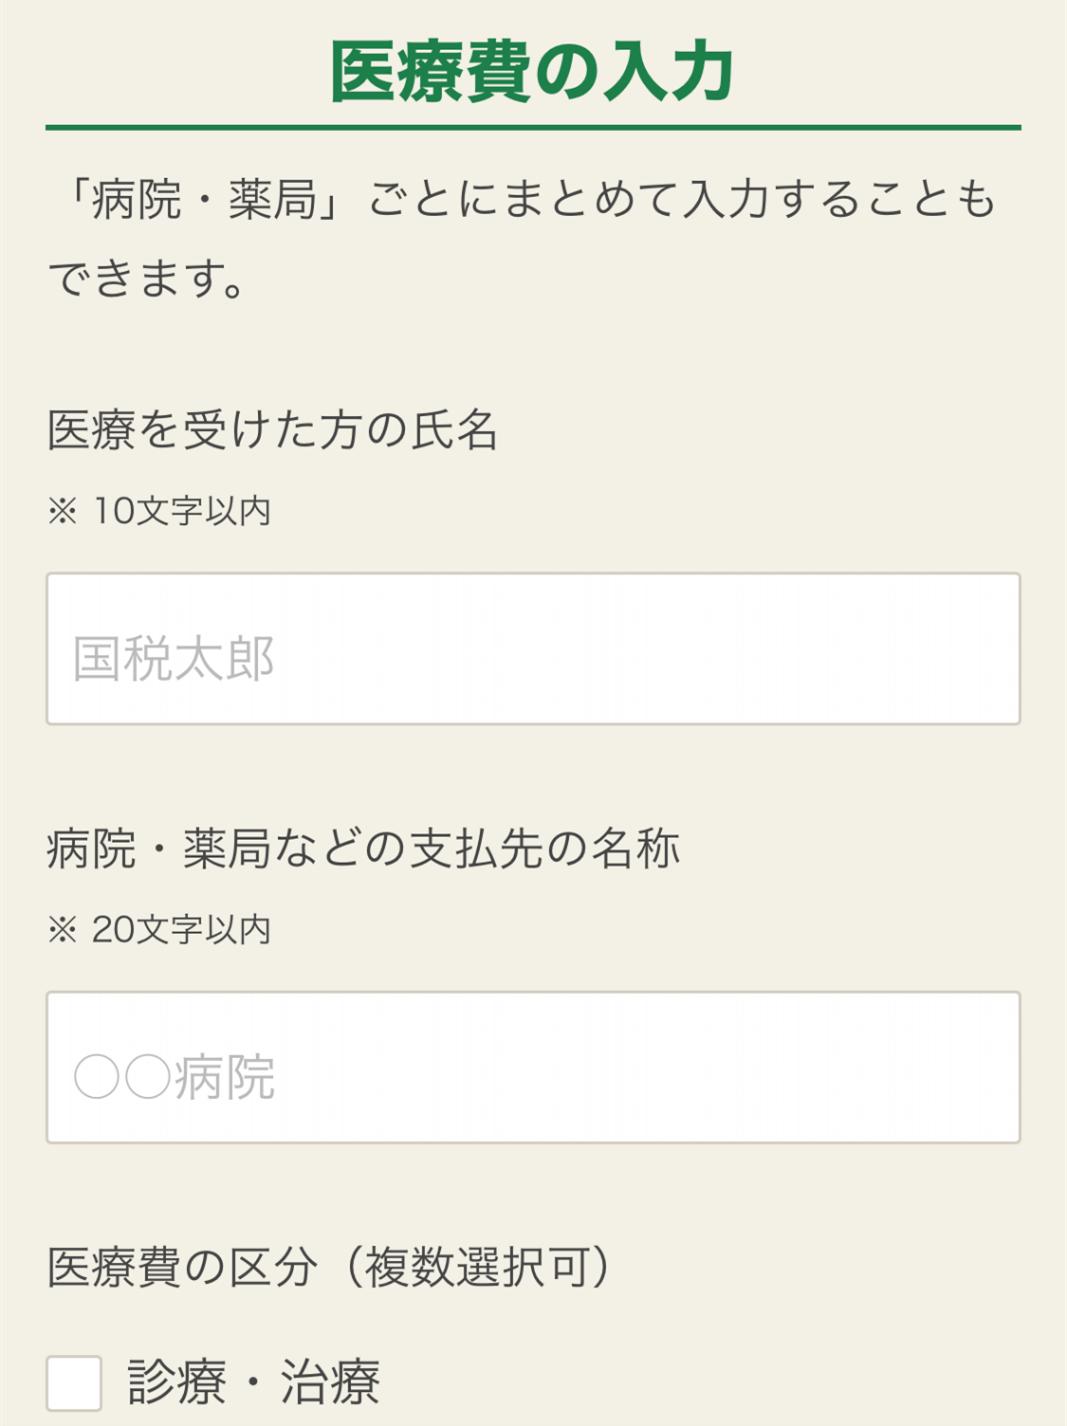 スマートフォンでの確定申告書作成画面